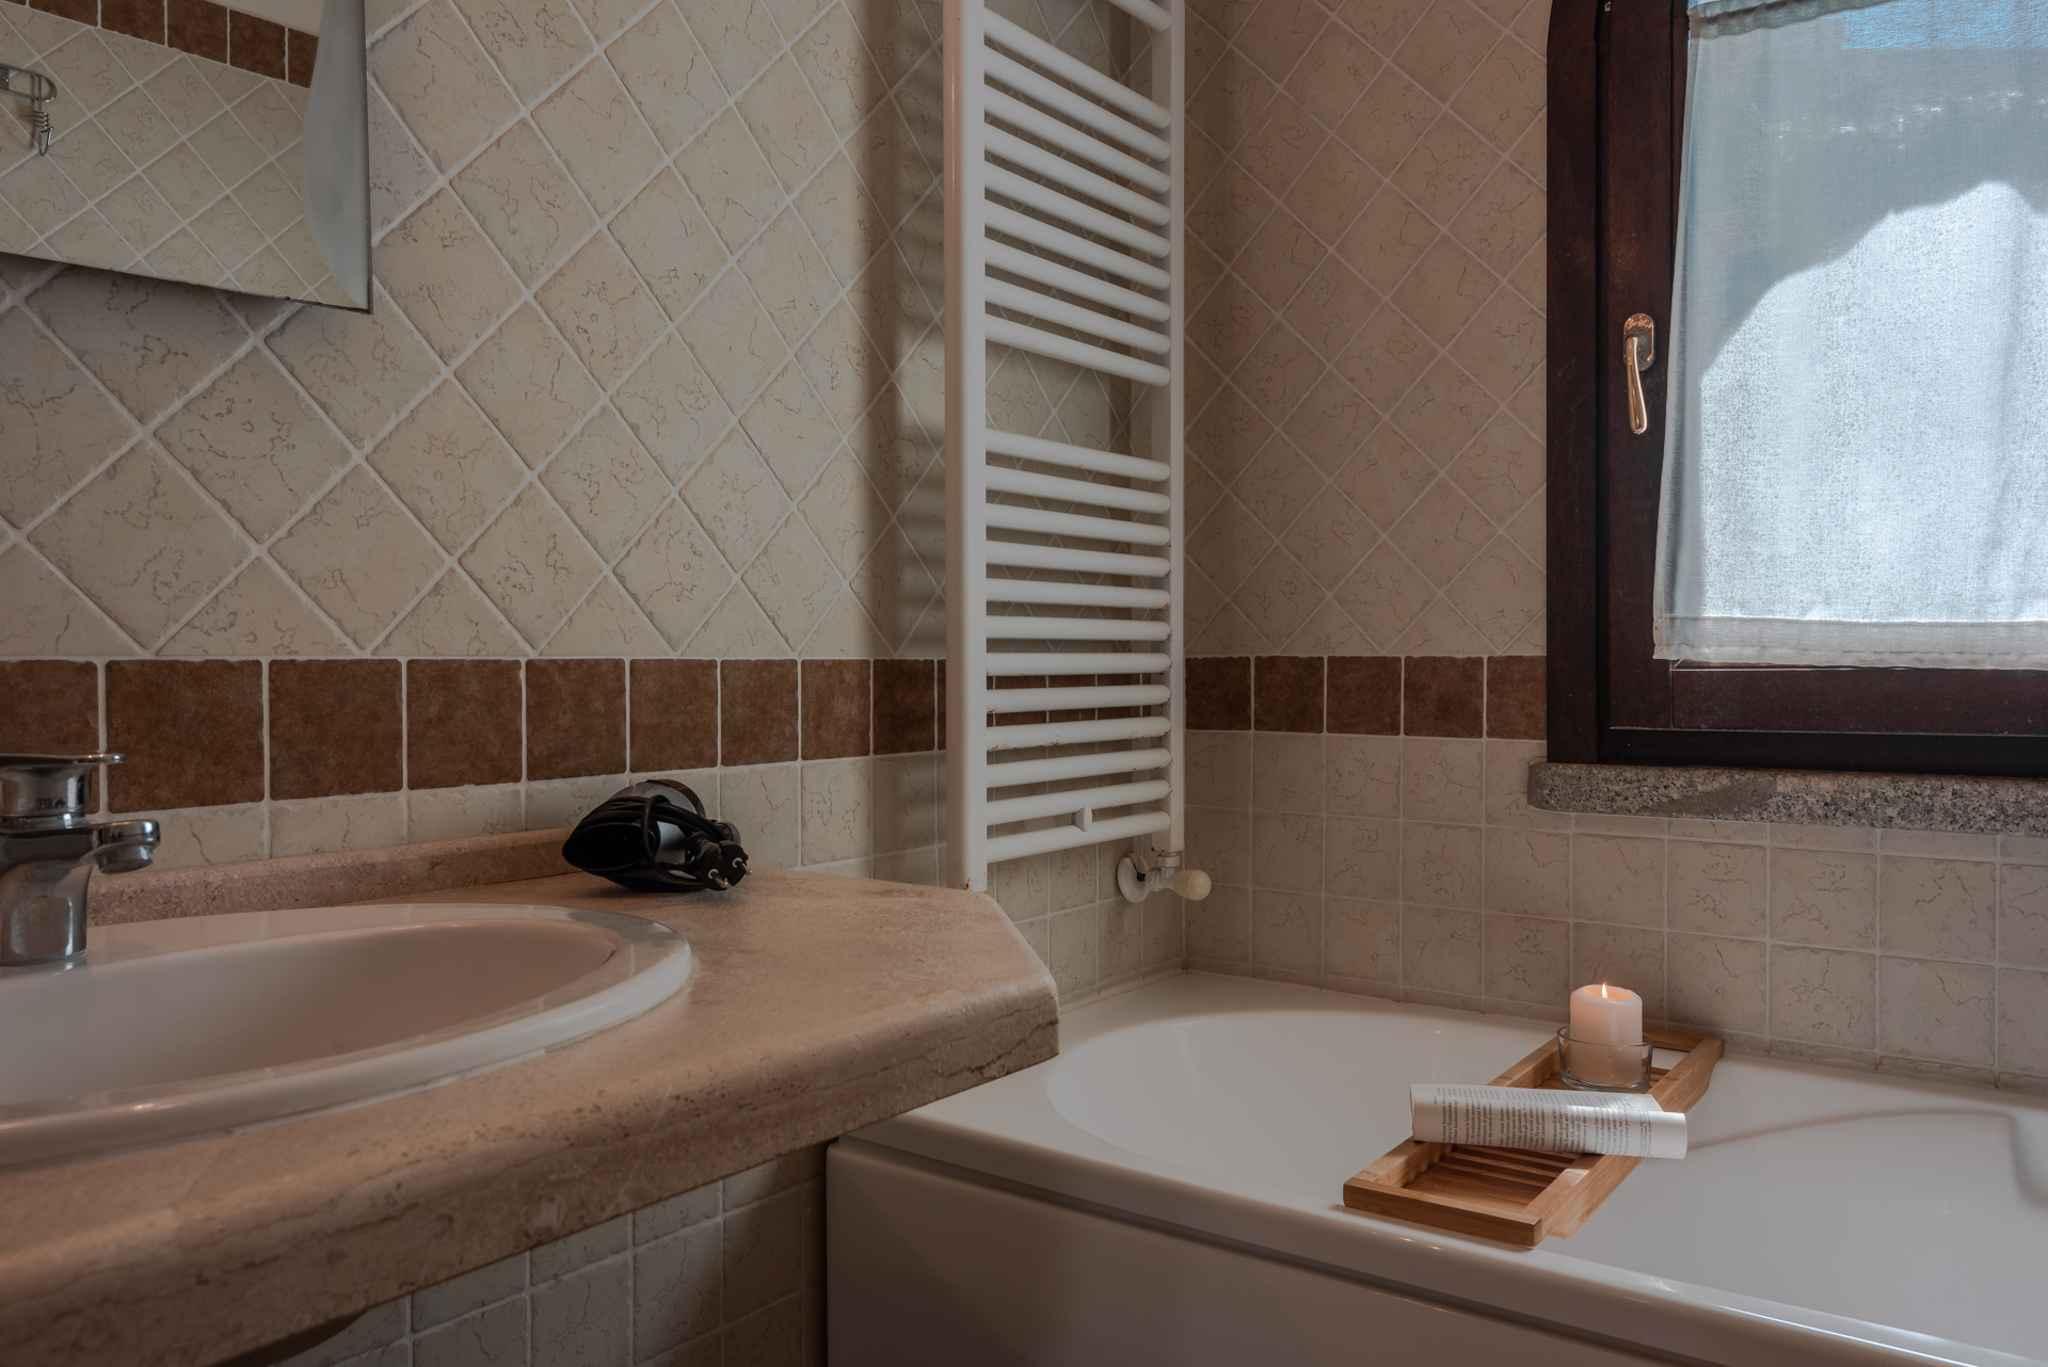 Ferienhaus mit KLimaanlage (2182426), Alghero, Sassari, Sardinien, Italien, Bild 24